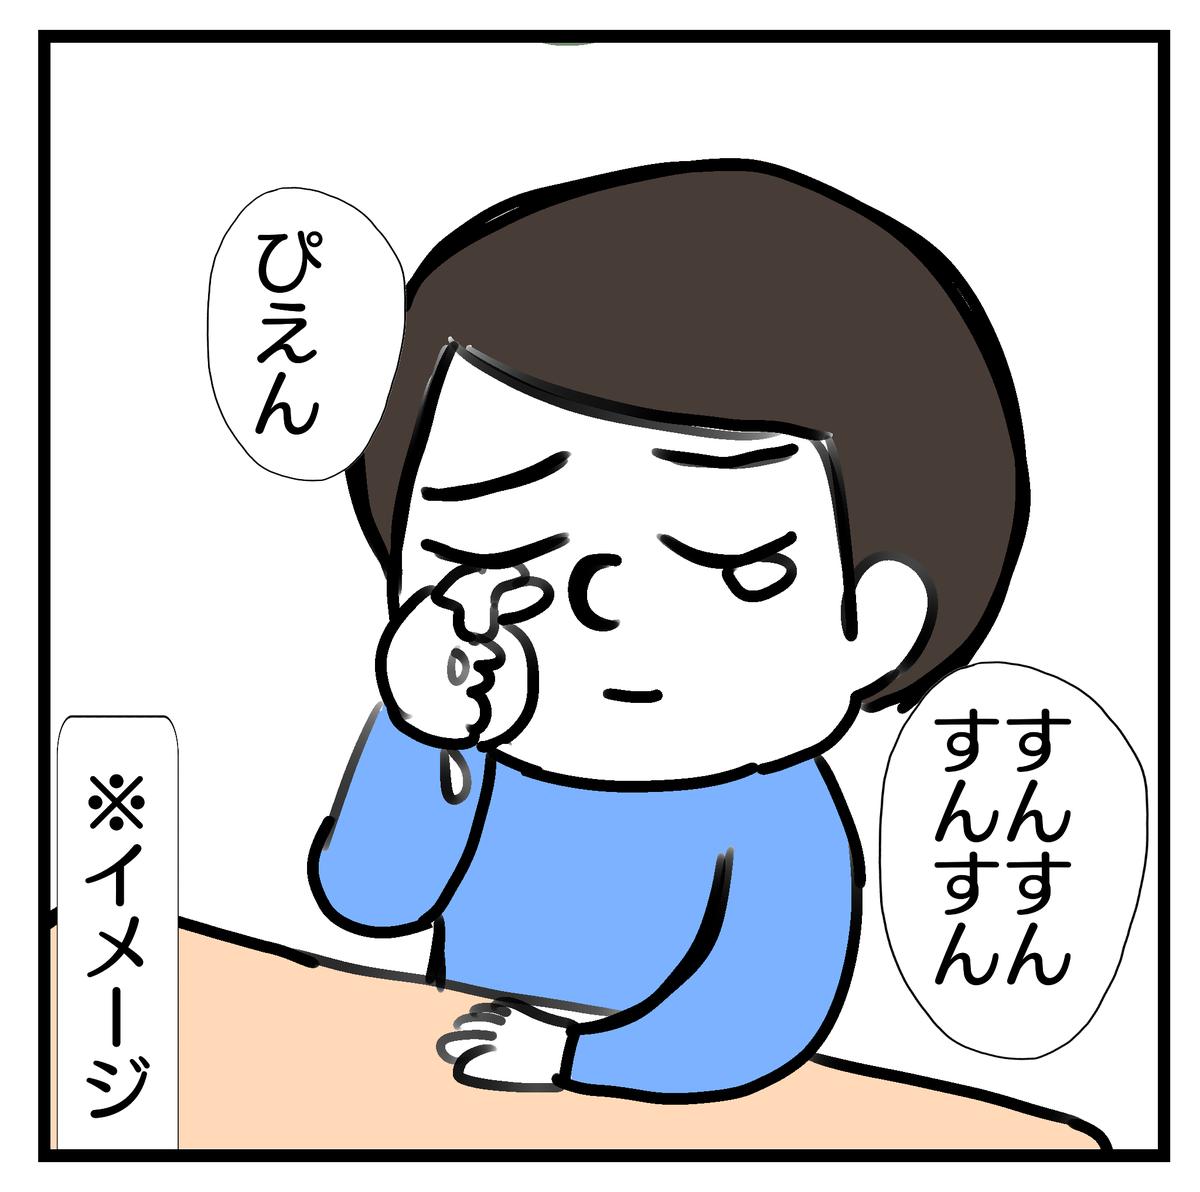 f:id:YuruFuwaTa:20200616113404p:plain